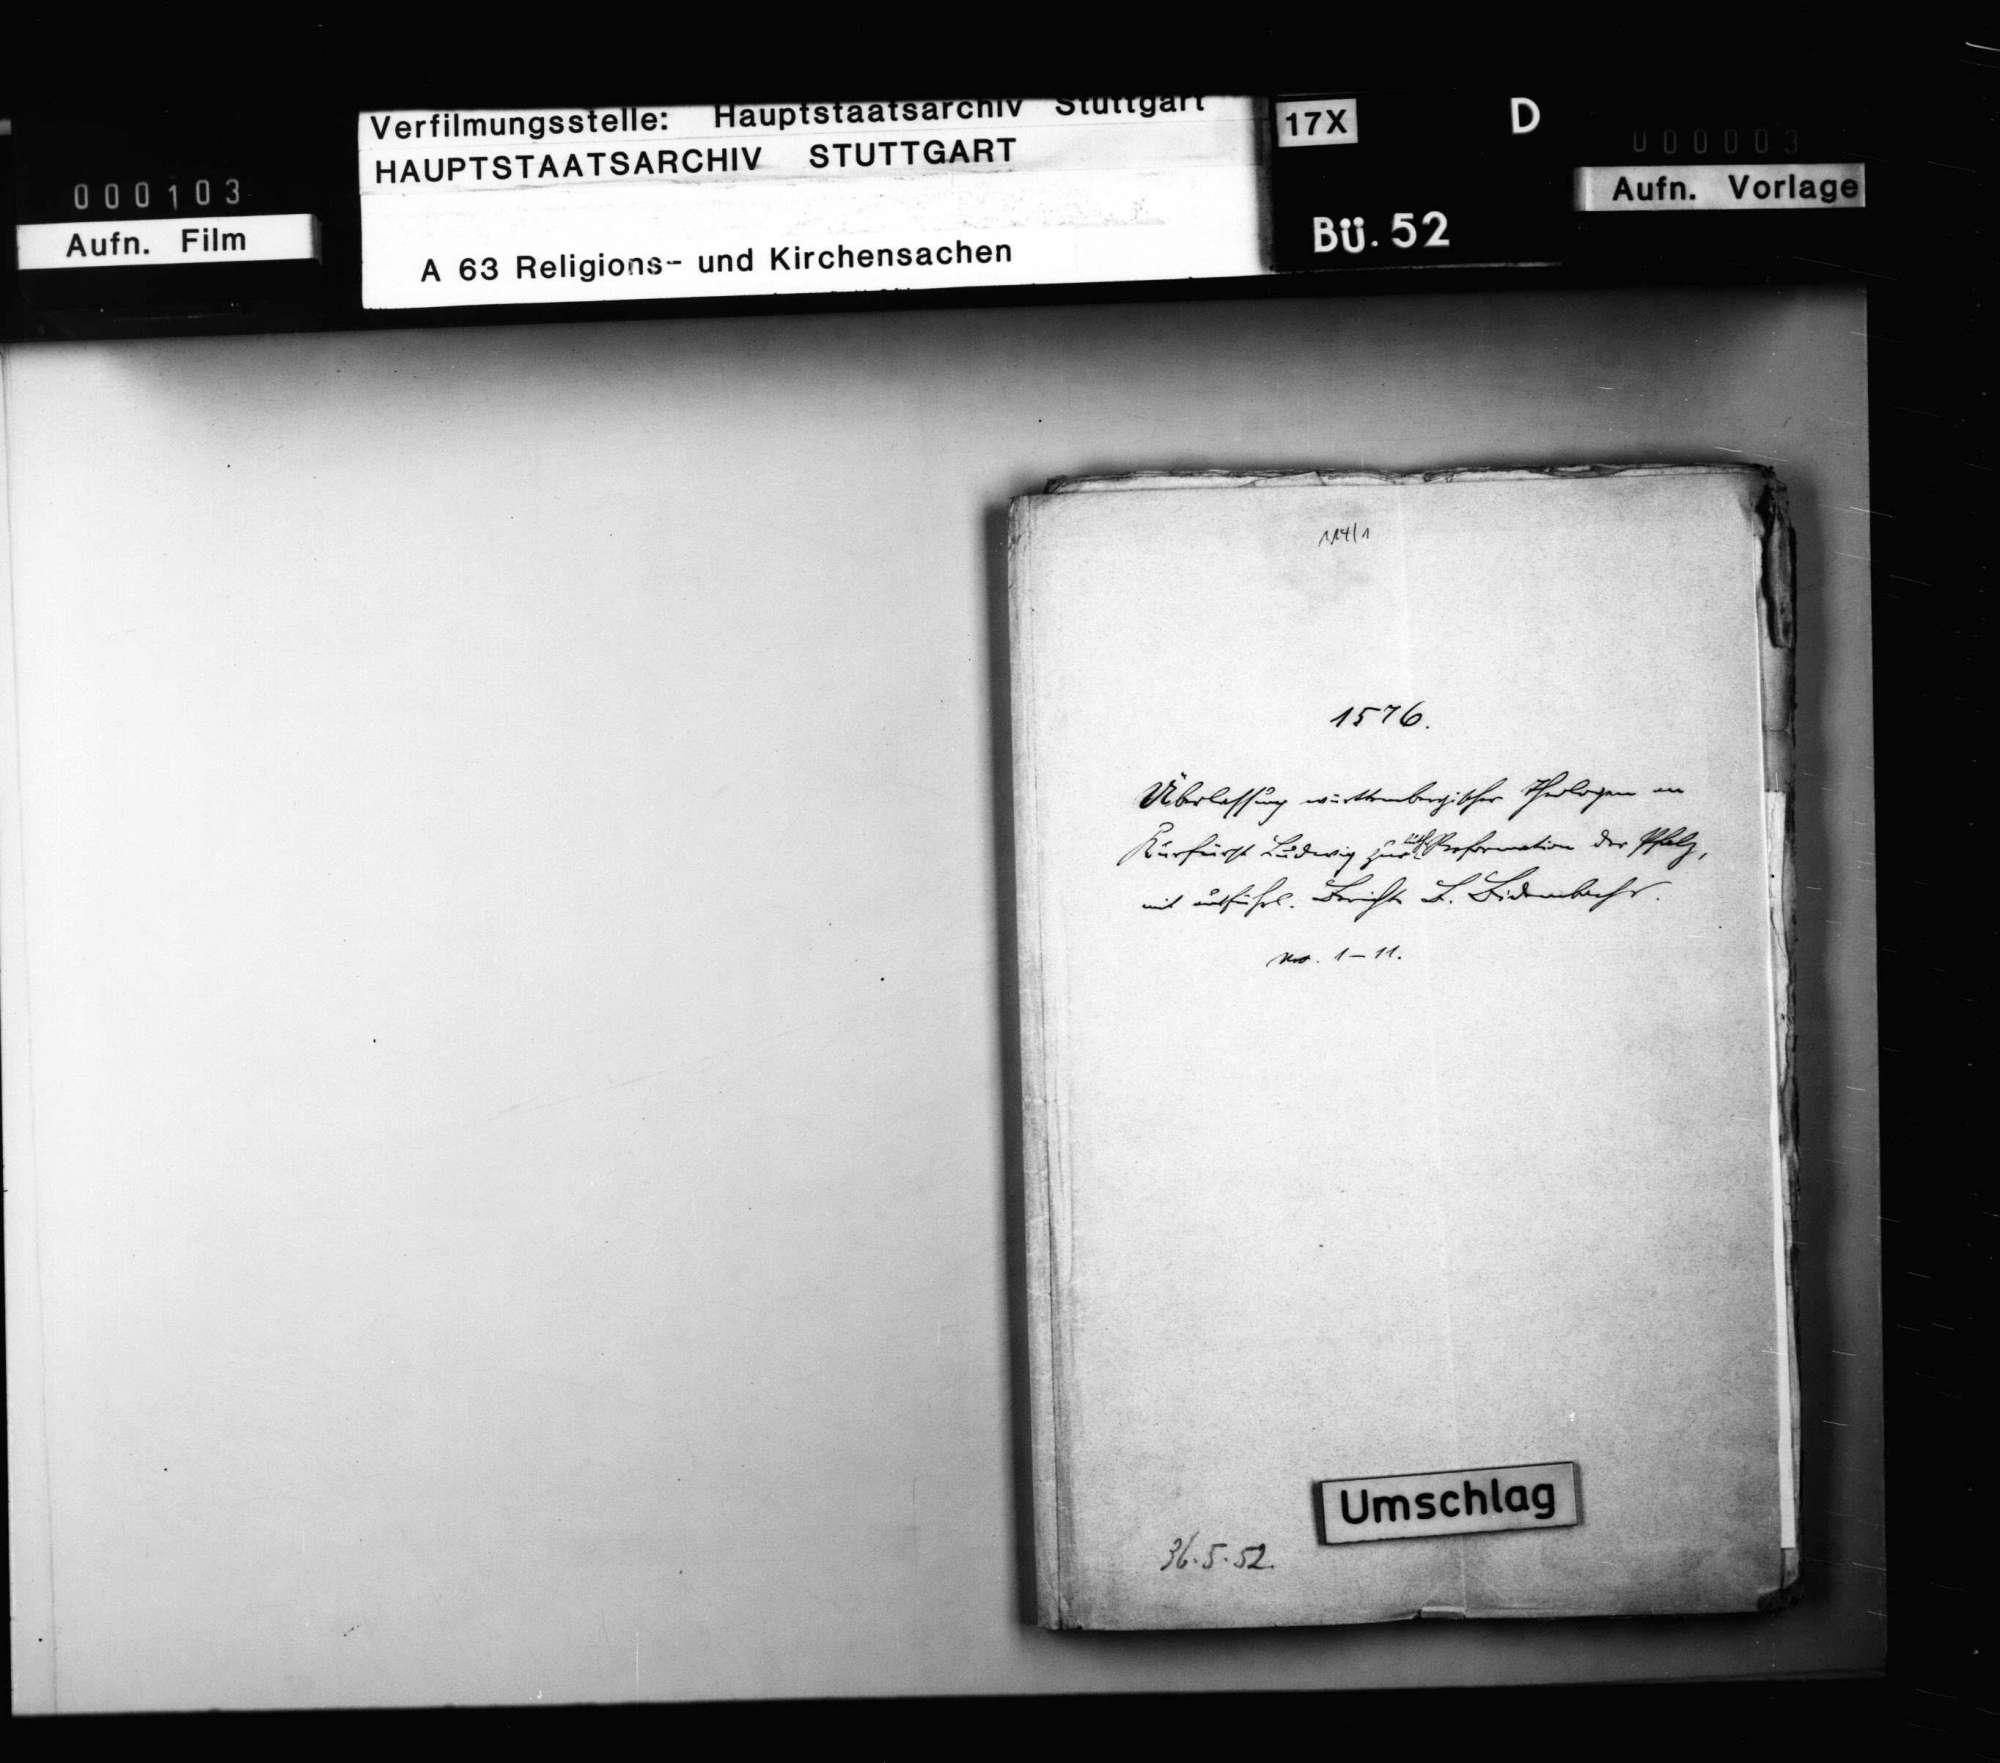 Schriften, betreffend die Überlassung württembergischer Theologen an Kurfürst Ludwig zur Beseitigung des Calvanismus in der Pfalz mit ausführlichem Bericht B. Bidembachs., Bild 1